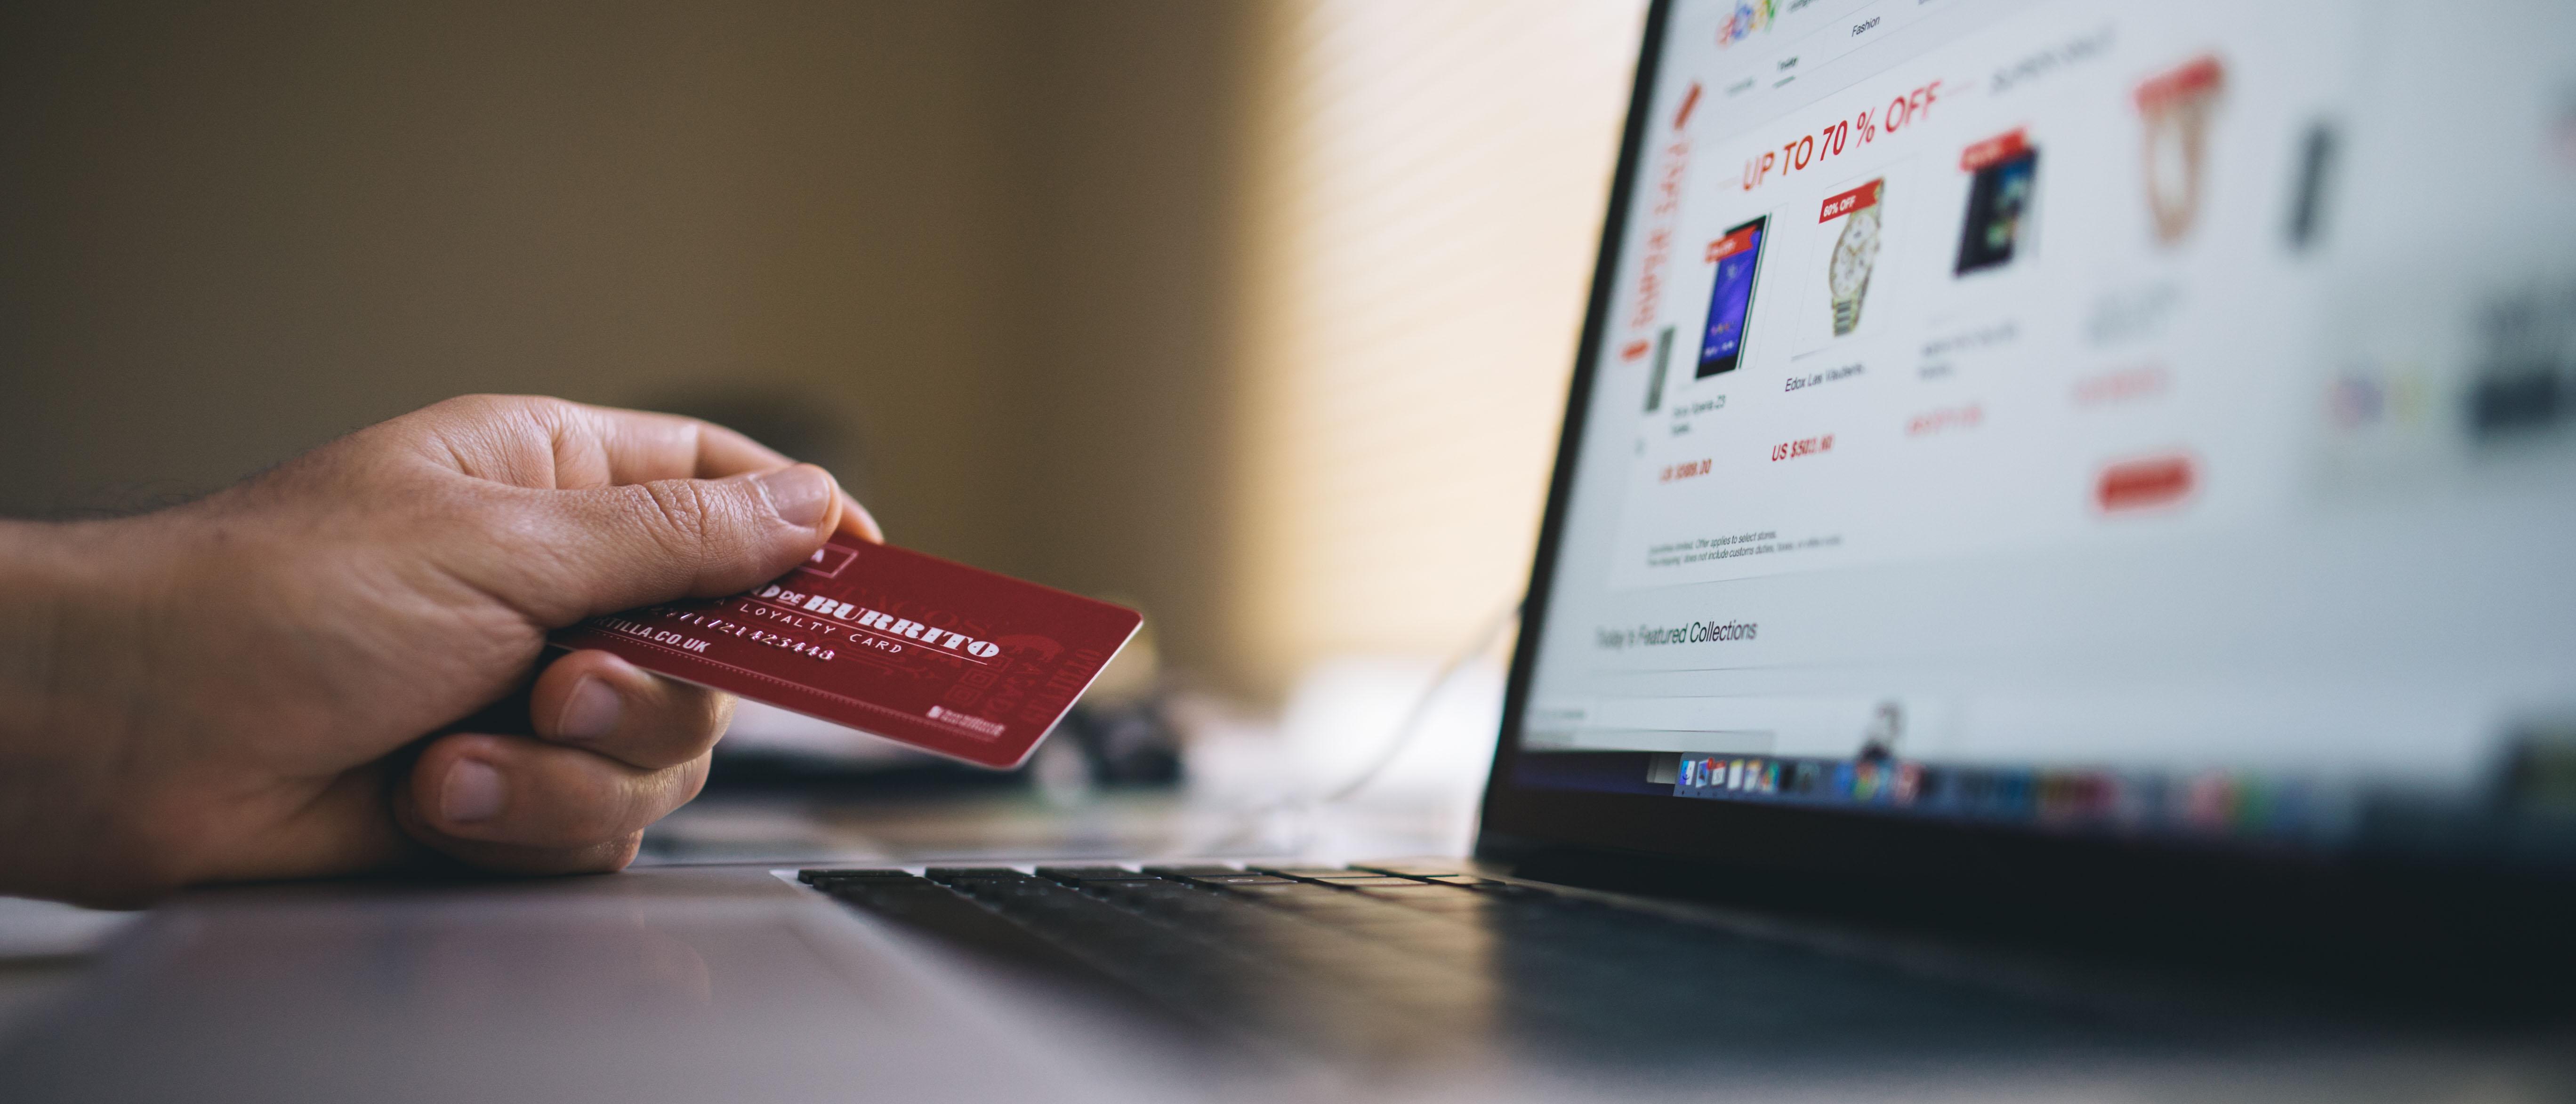 ungdom handler på nett med kredittkort